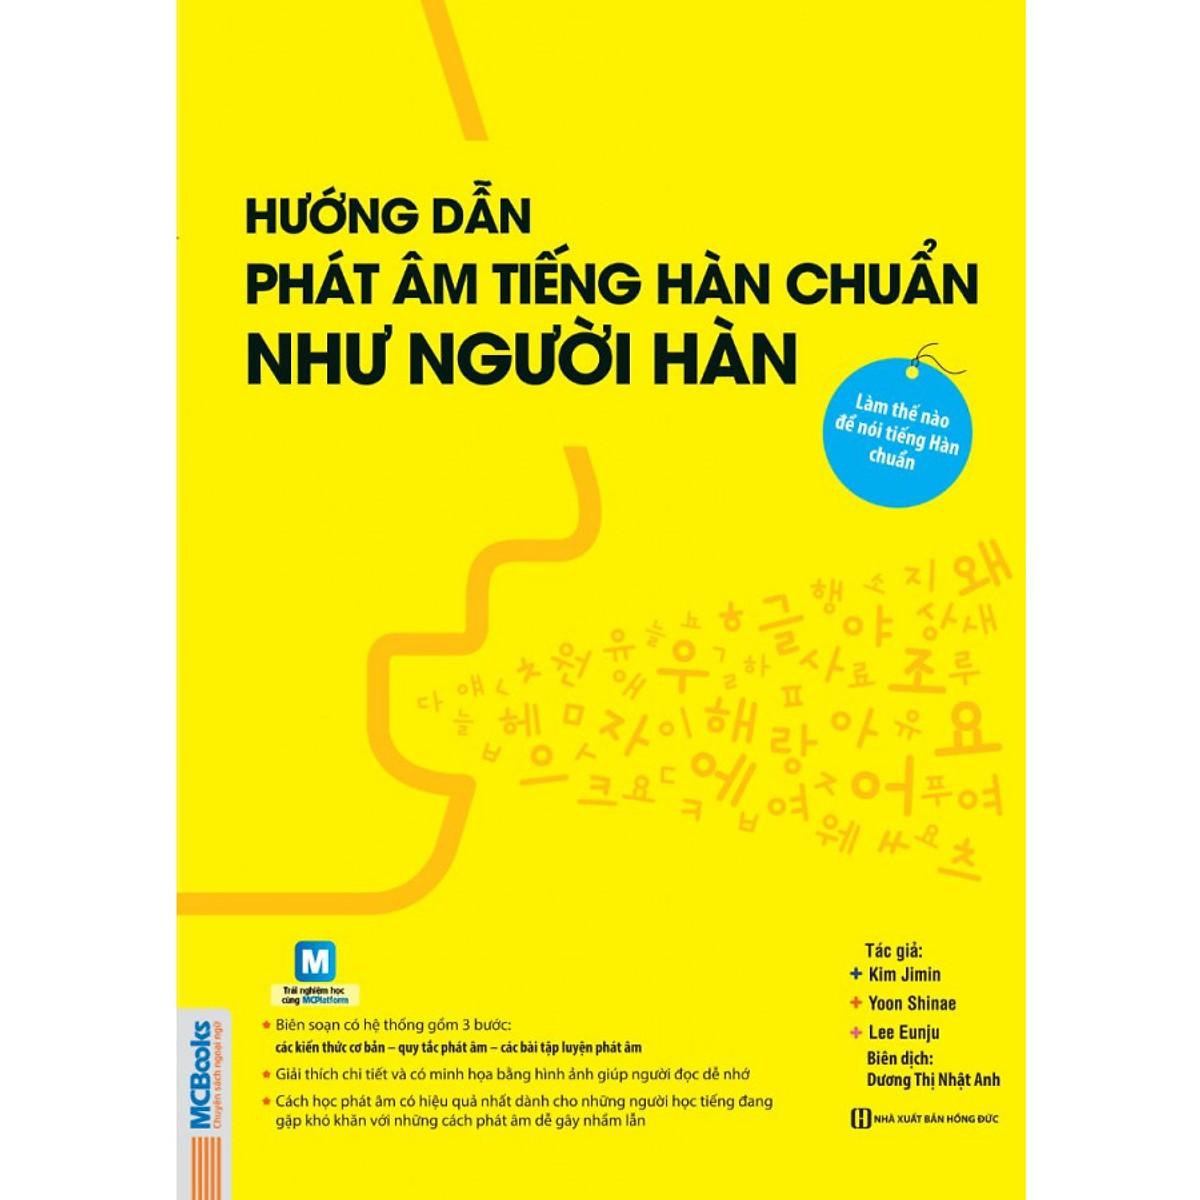 Hướng Dẫn Phát Âm Tiếng Hàn Chuẩn Như Người Hàn Quốc